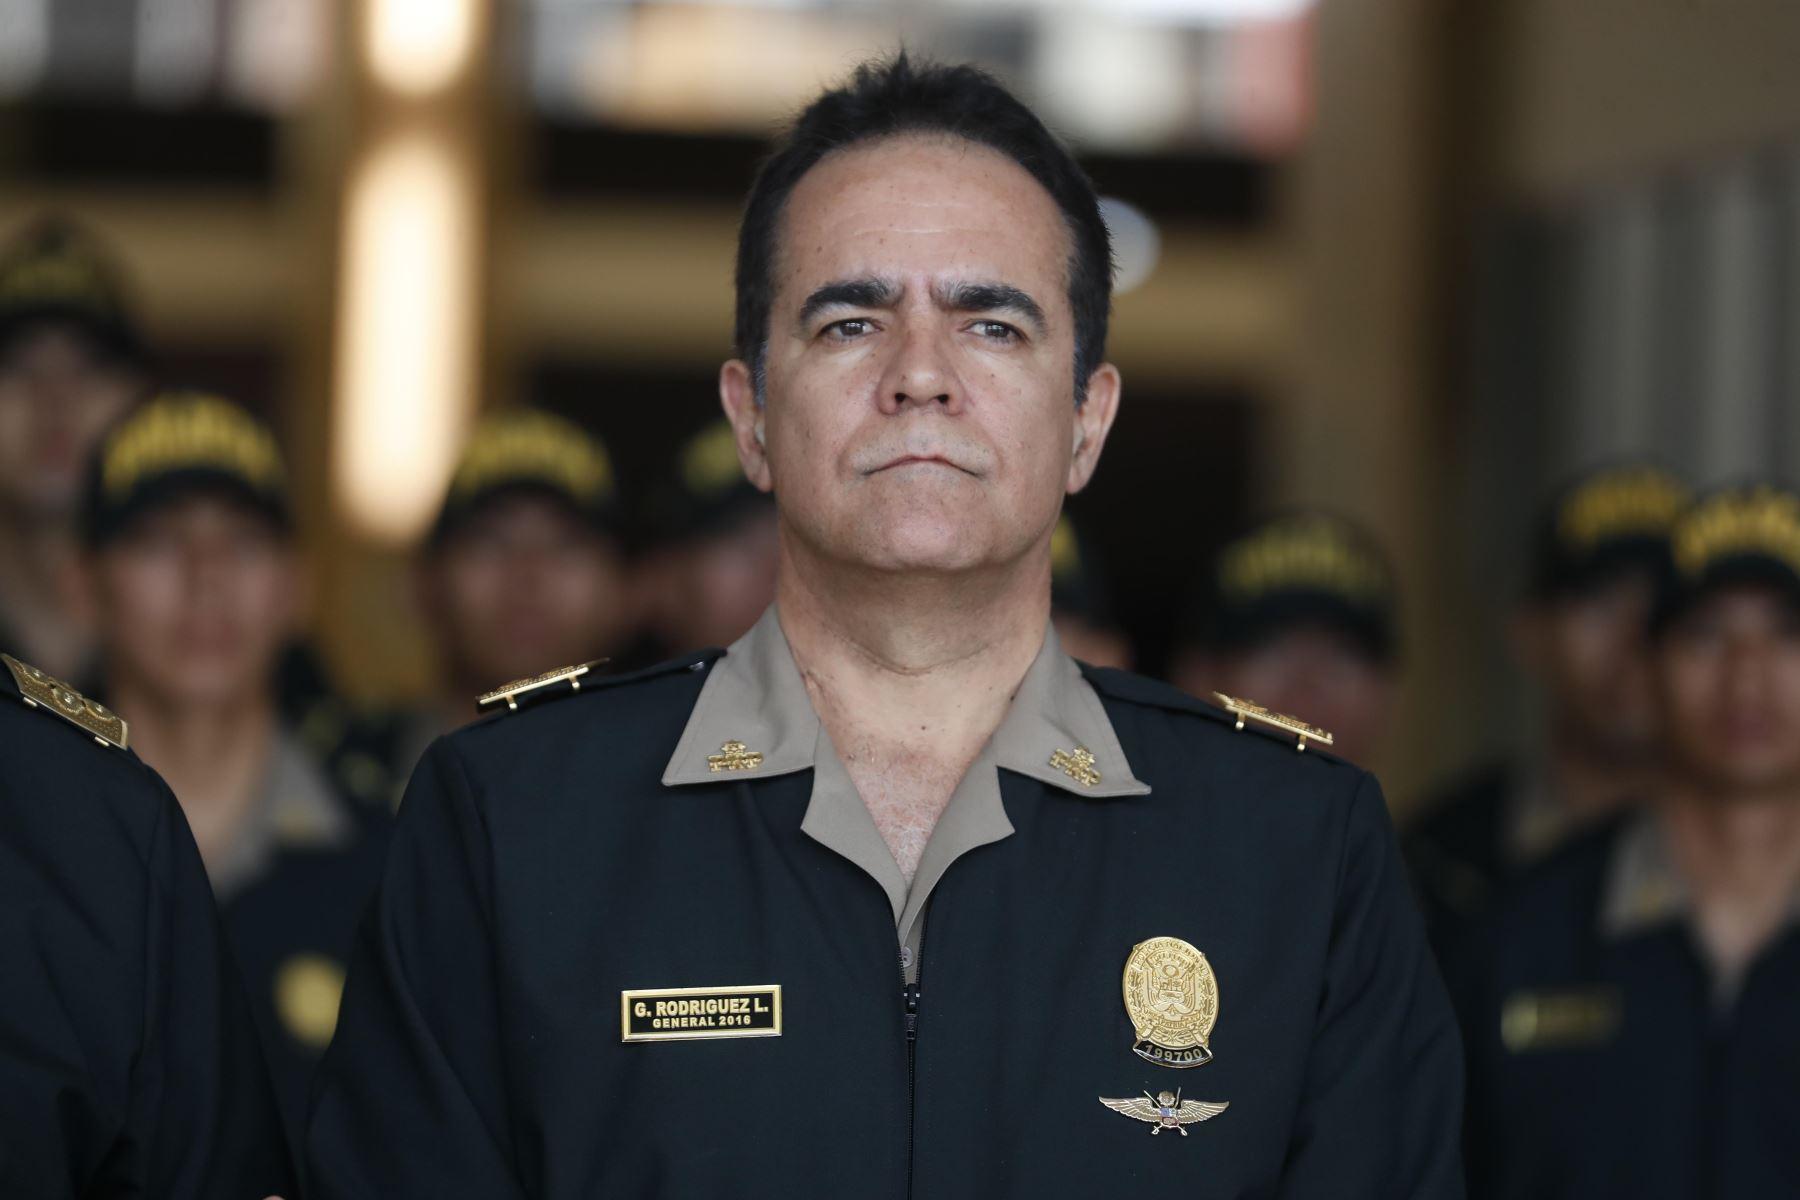 El Poder Ejecutivo, a través del Ministerio del Interior, reasignó en sus funciones a generales del Alto Mando de la Policía Nacional del Perú (PNP). Participa en la conferencia de prensa General Gastón Rodríguez. Foto: ANDINA/Renato Pajuelo